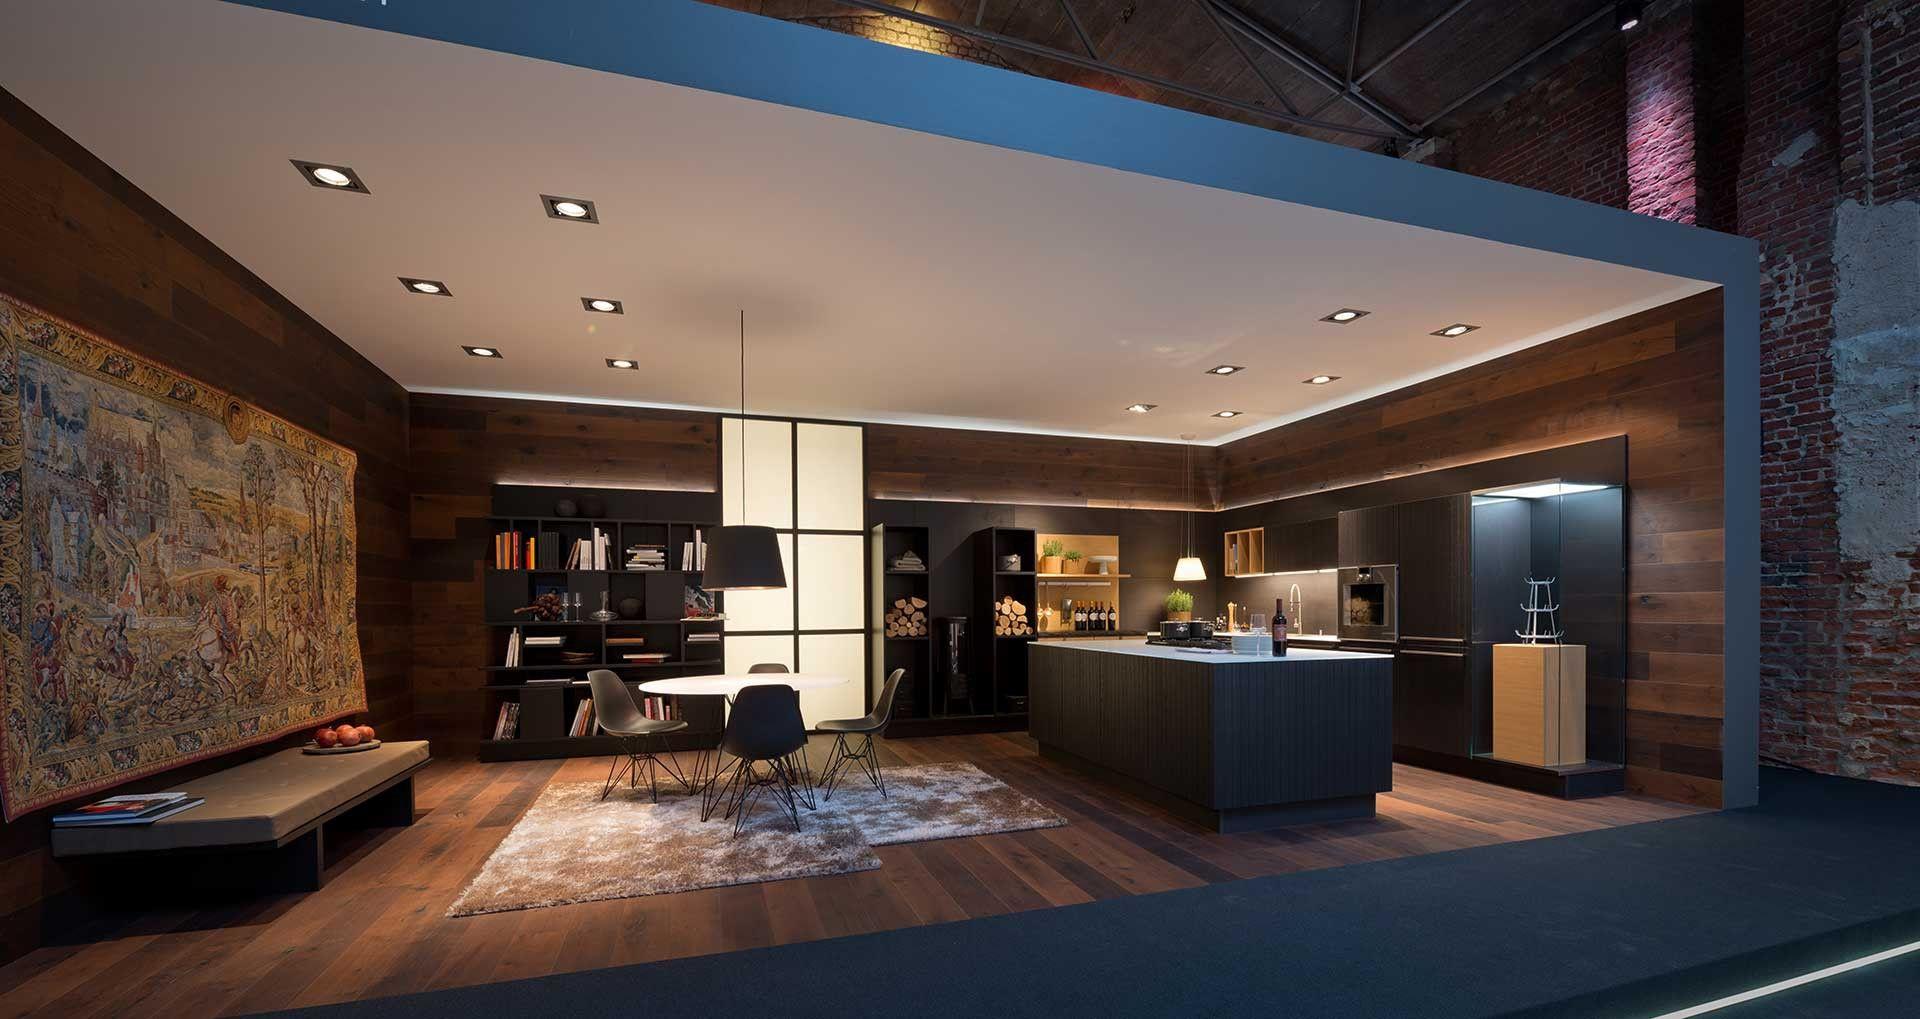 Loungegevoel in een moderne keuken. deze keuken straalt door zijn